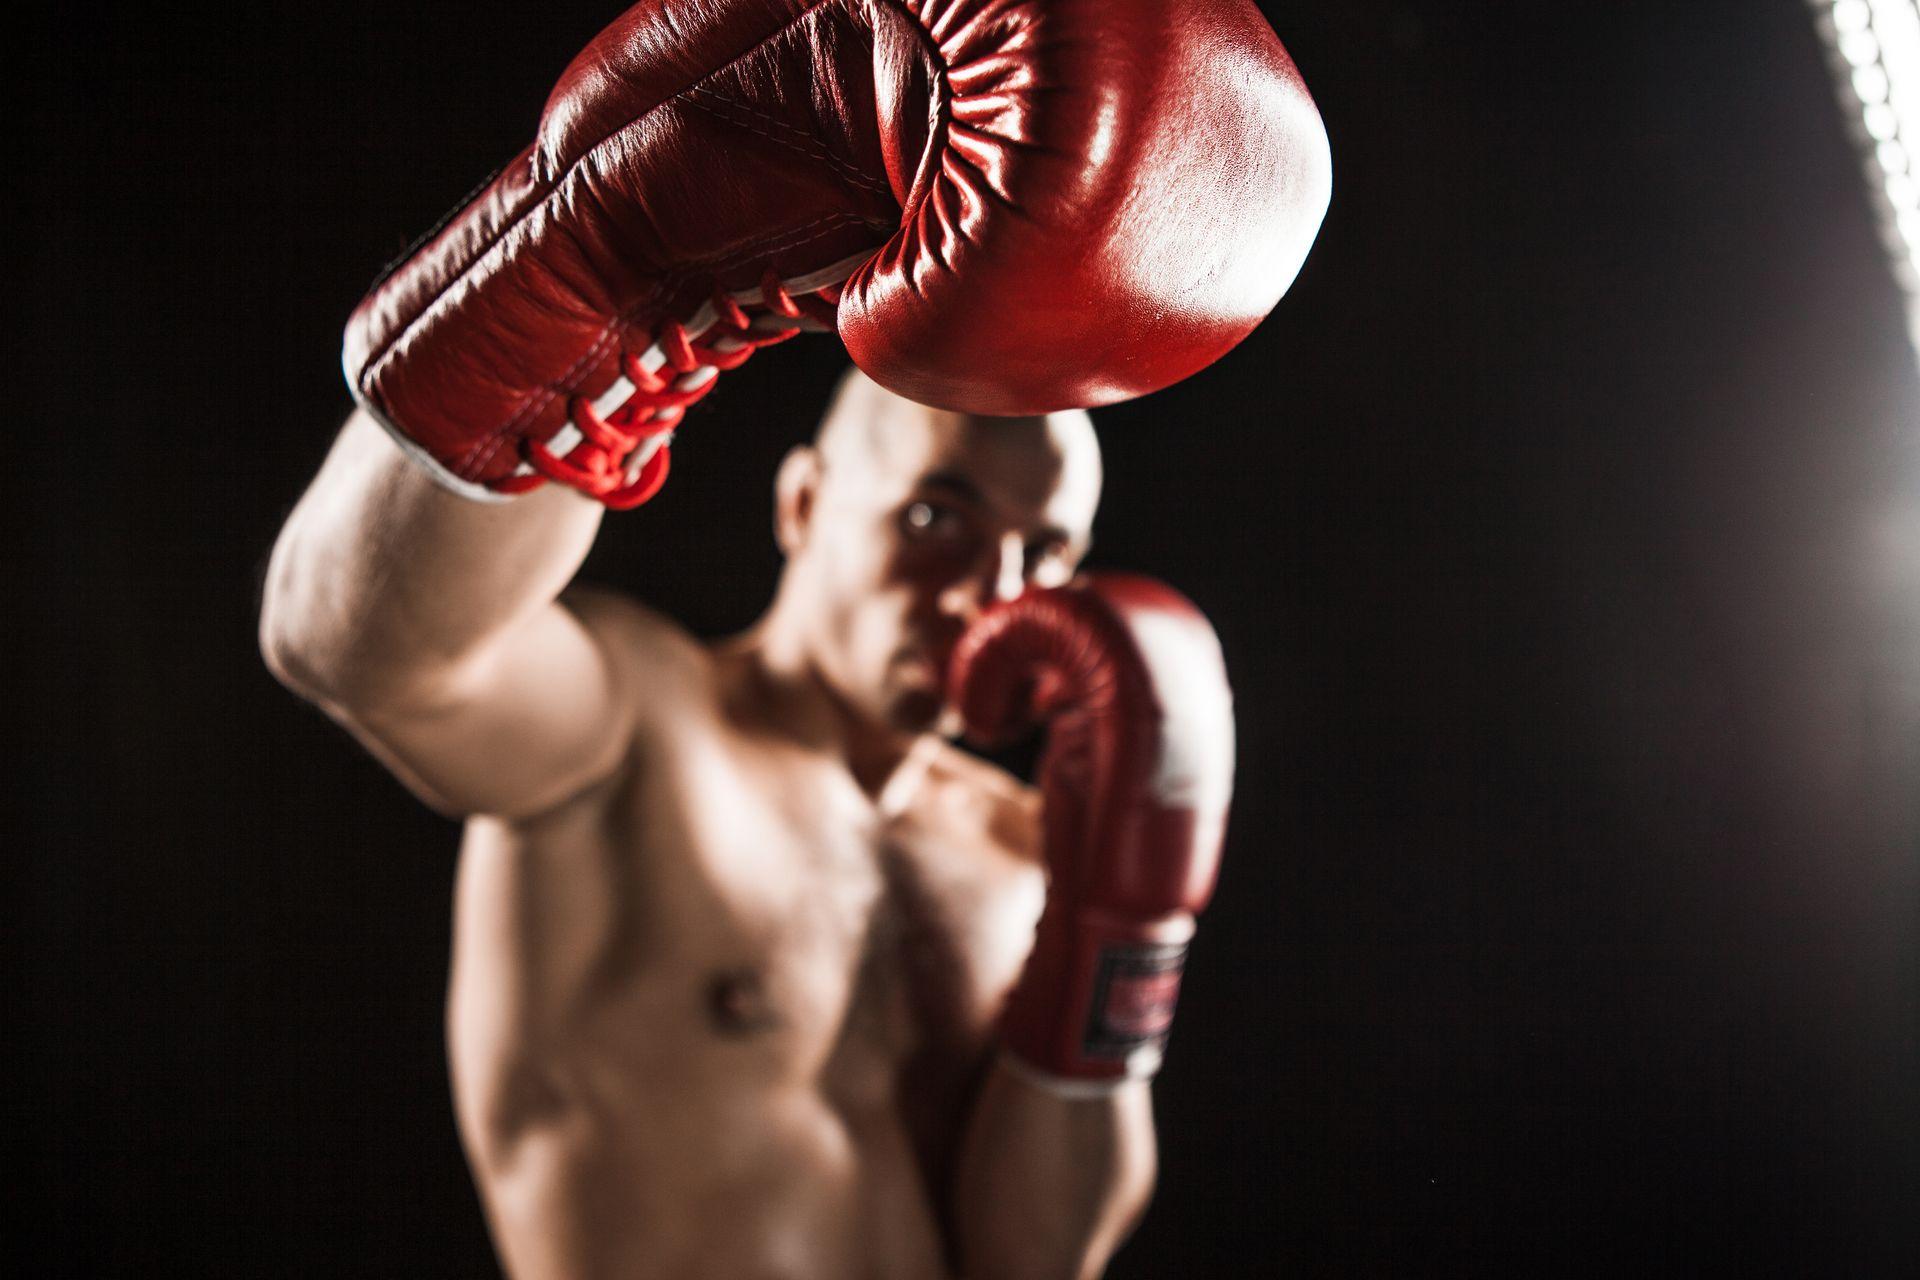 the-young-man-kickboxing-on-black-PQR5ZQ7.jpg